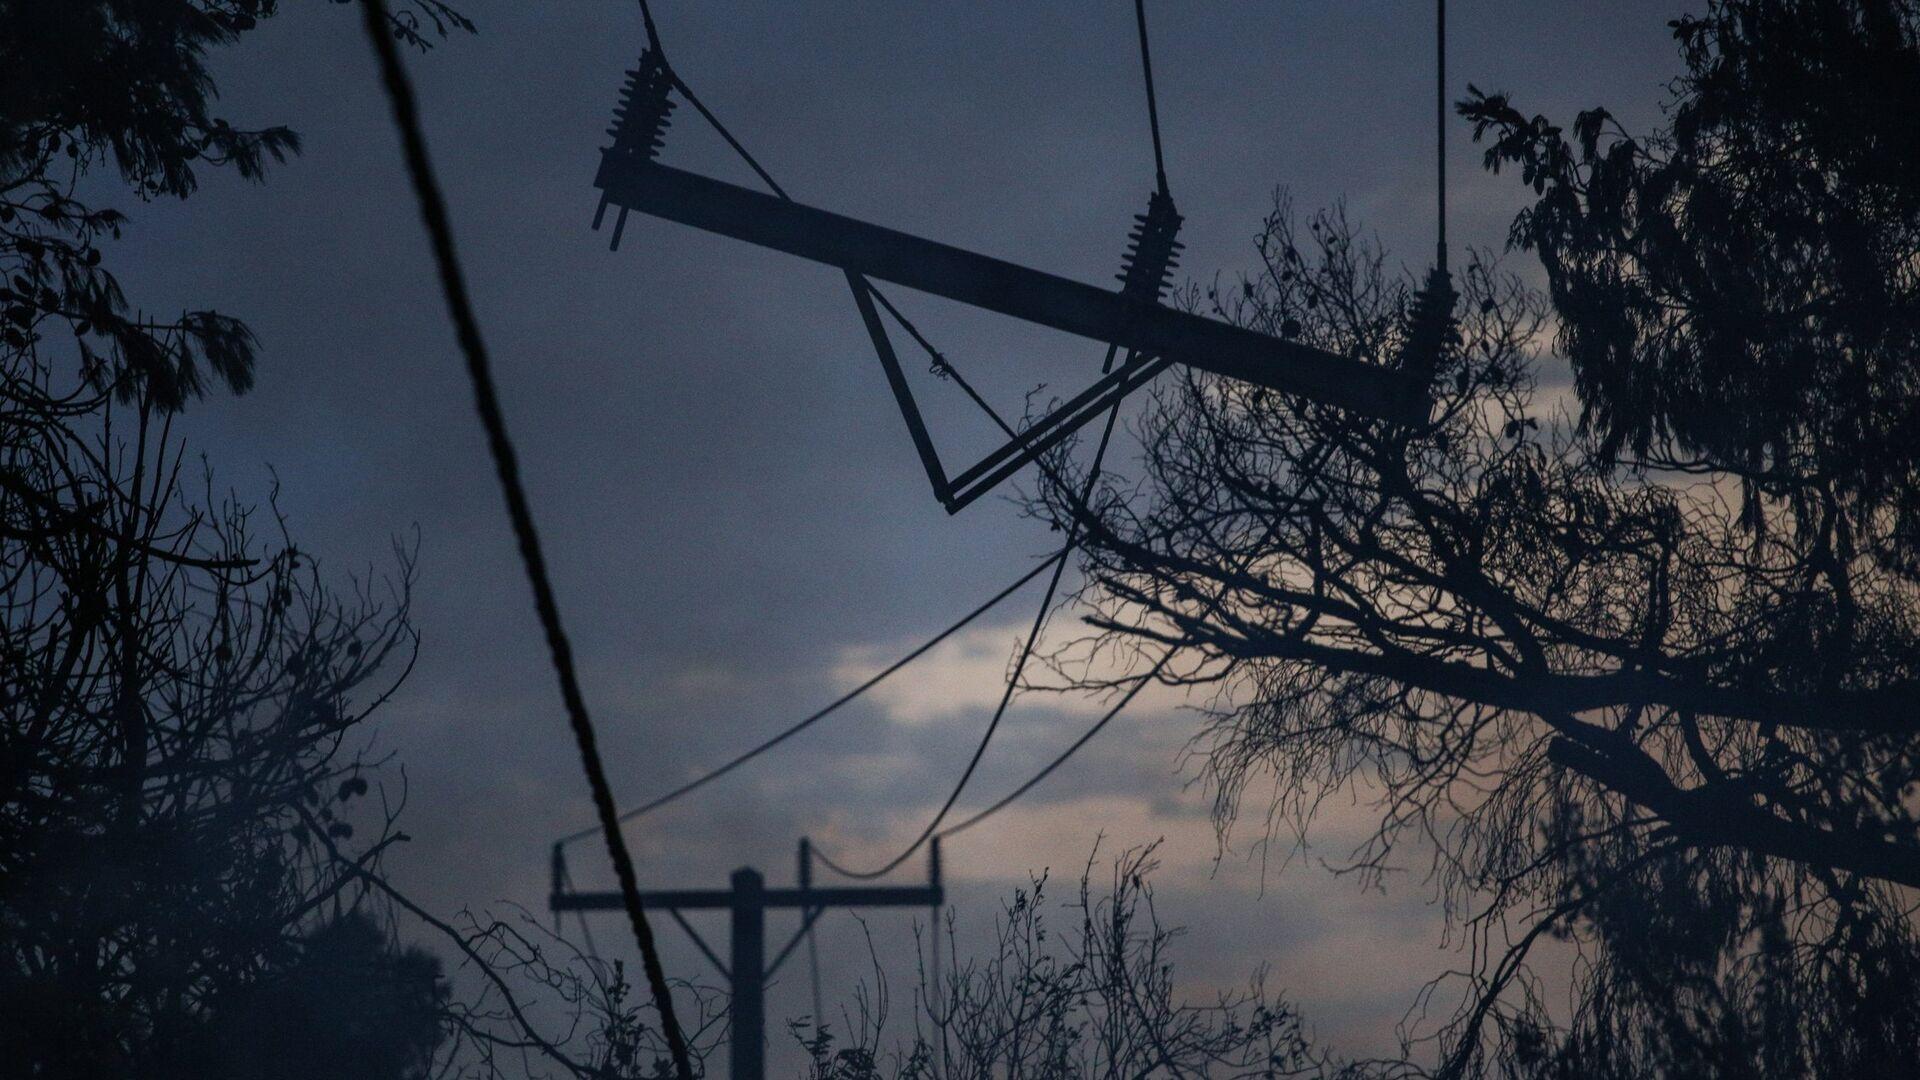 Ζημιές στο ηλεκτρικό δίκτυο της ανατολικής Αττικής  - Sputnik Ελλάδα, 1920, 16.09.2021